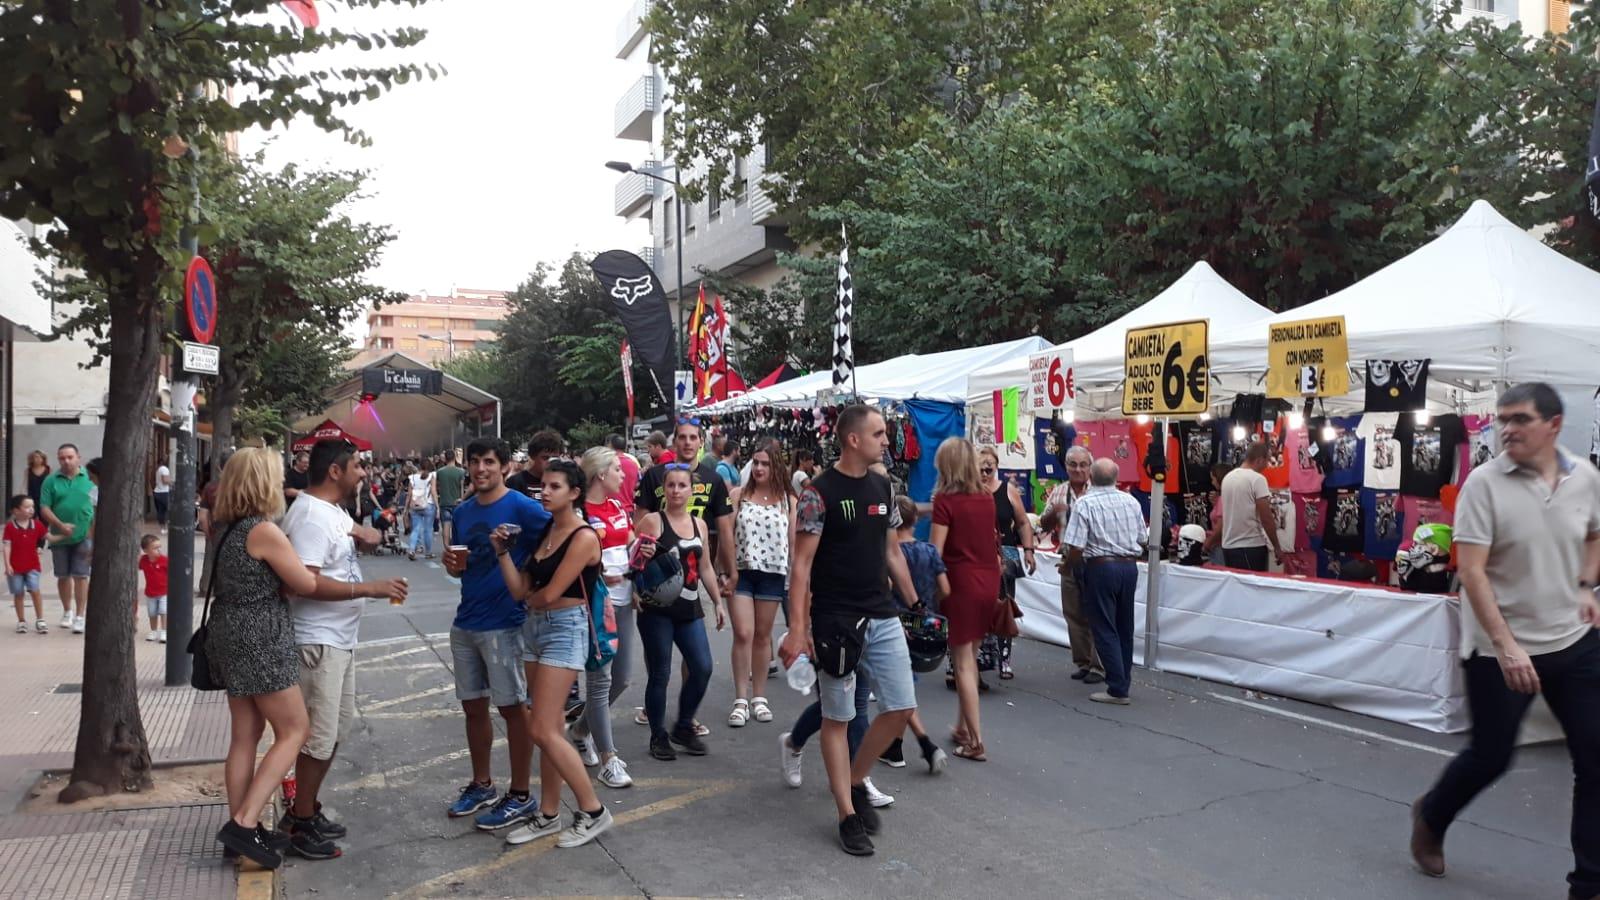 Ambiente en la avenida llena de stands de merchandising el viernes por la tarde